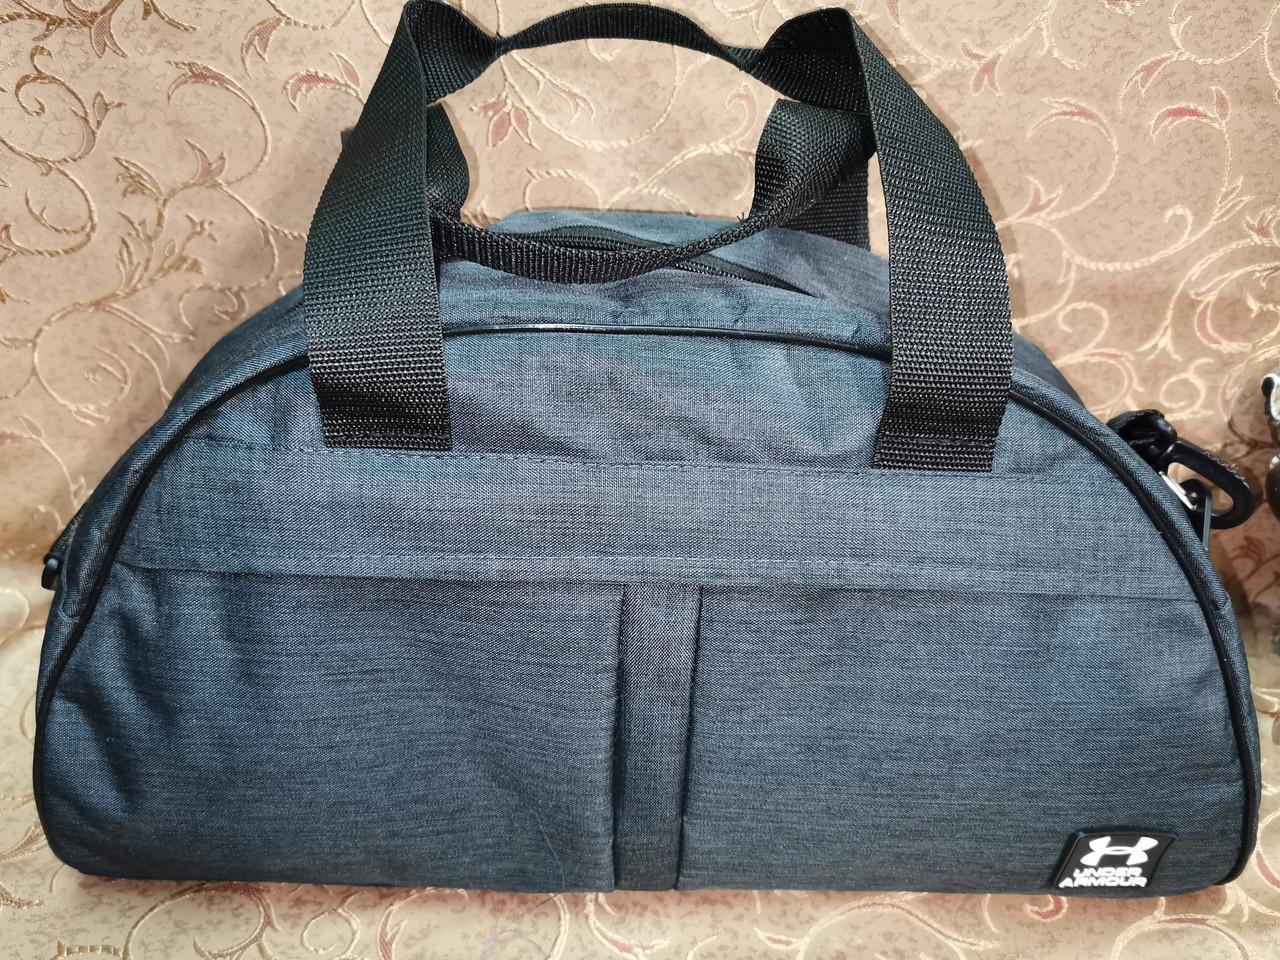 Спортивная сумка UNDER ARMOUR мессенджер мужская и женская сумка для через плечо(только ОПТ)